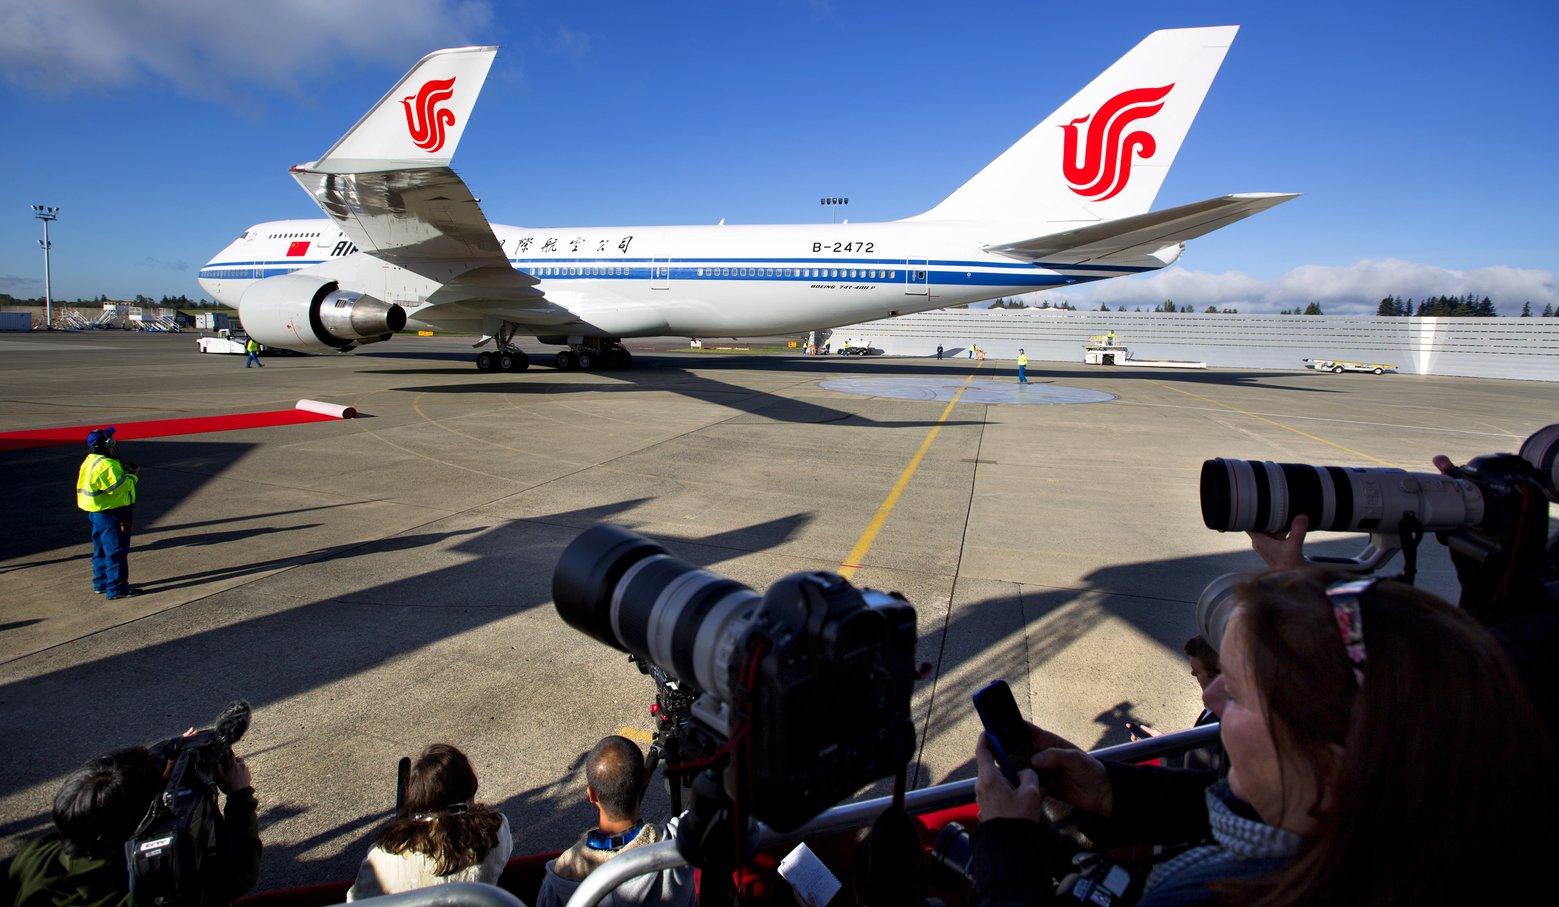 A kínai elnök különgépének érkezése. (Fotó: Mike Siegel - The Seattle Times) | © AIRportal.hu